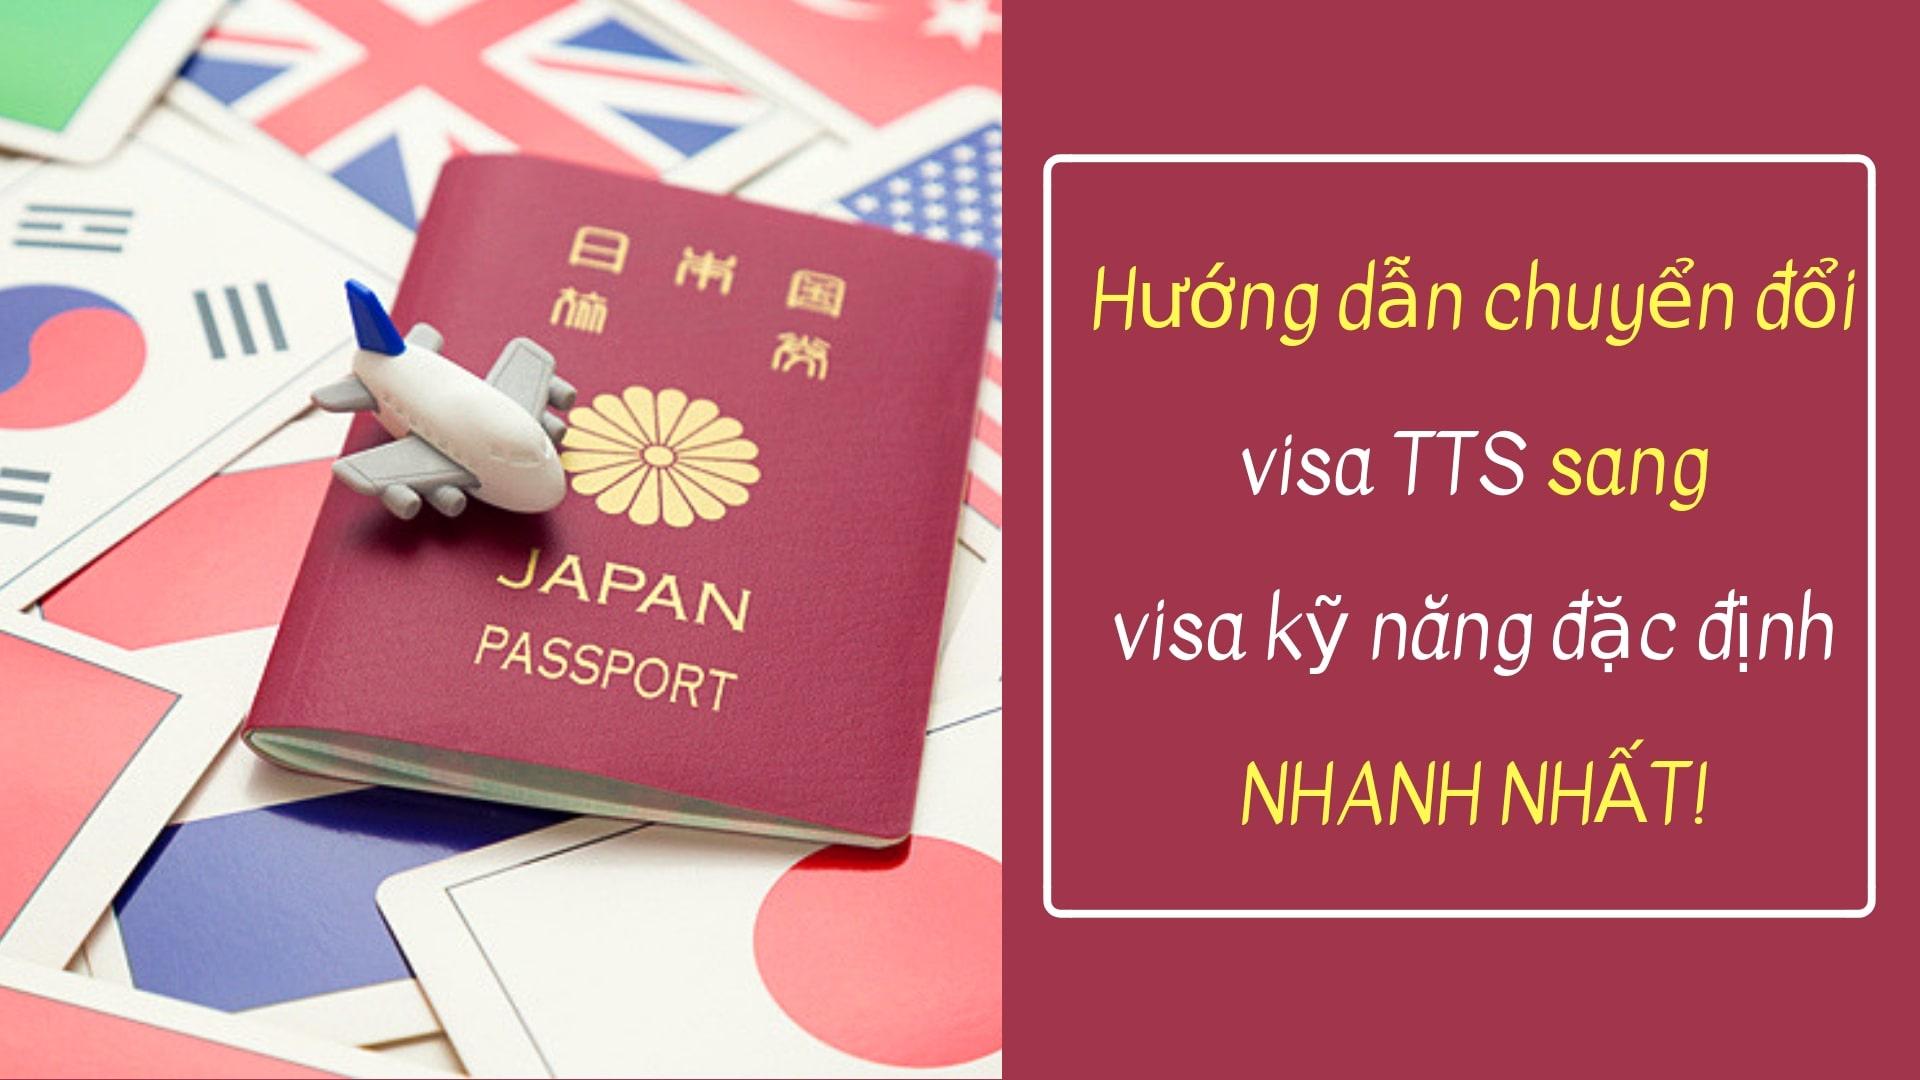 Hướng dẫn chuyển đổi visa TTS sang visa kỹ năng đặc định NHANH NHẤT!